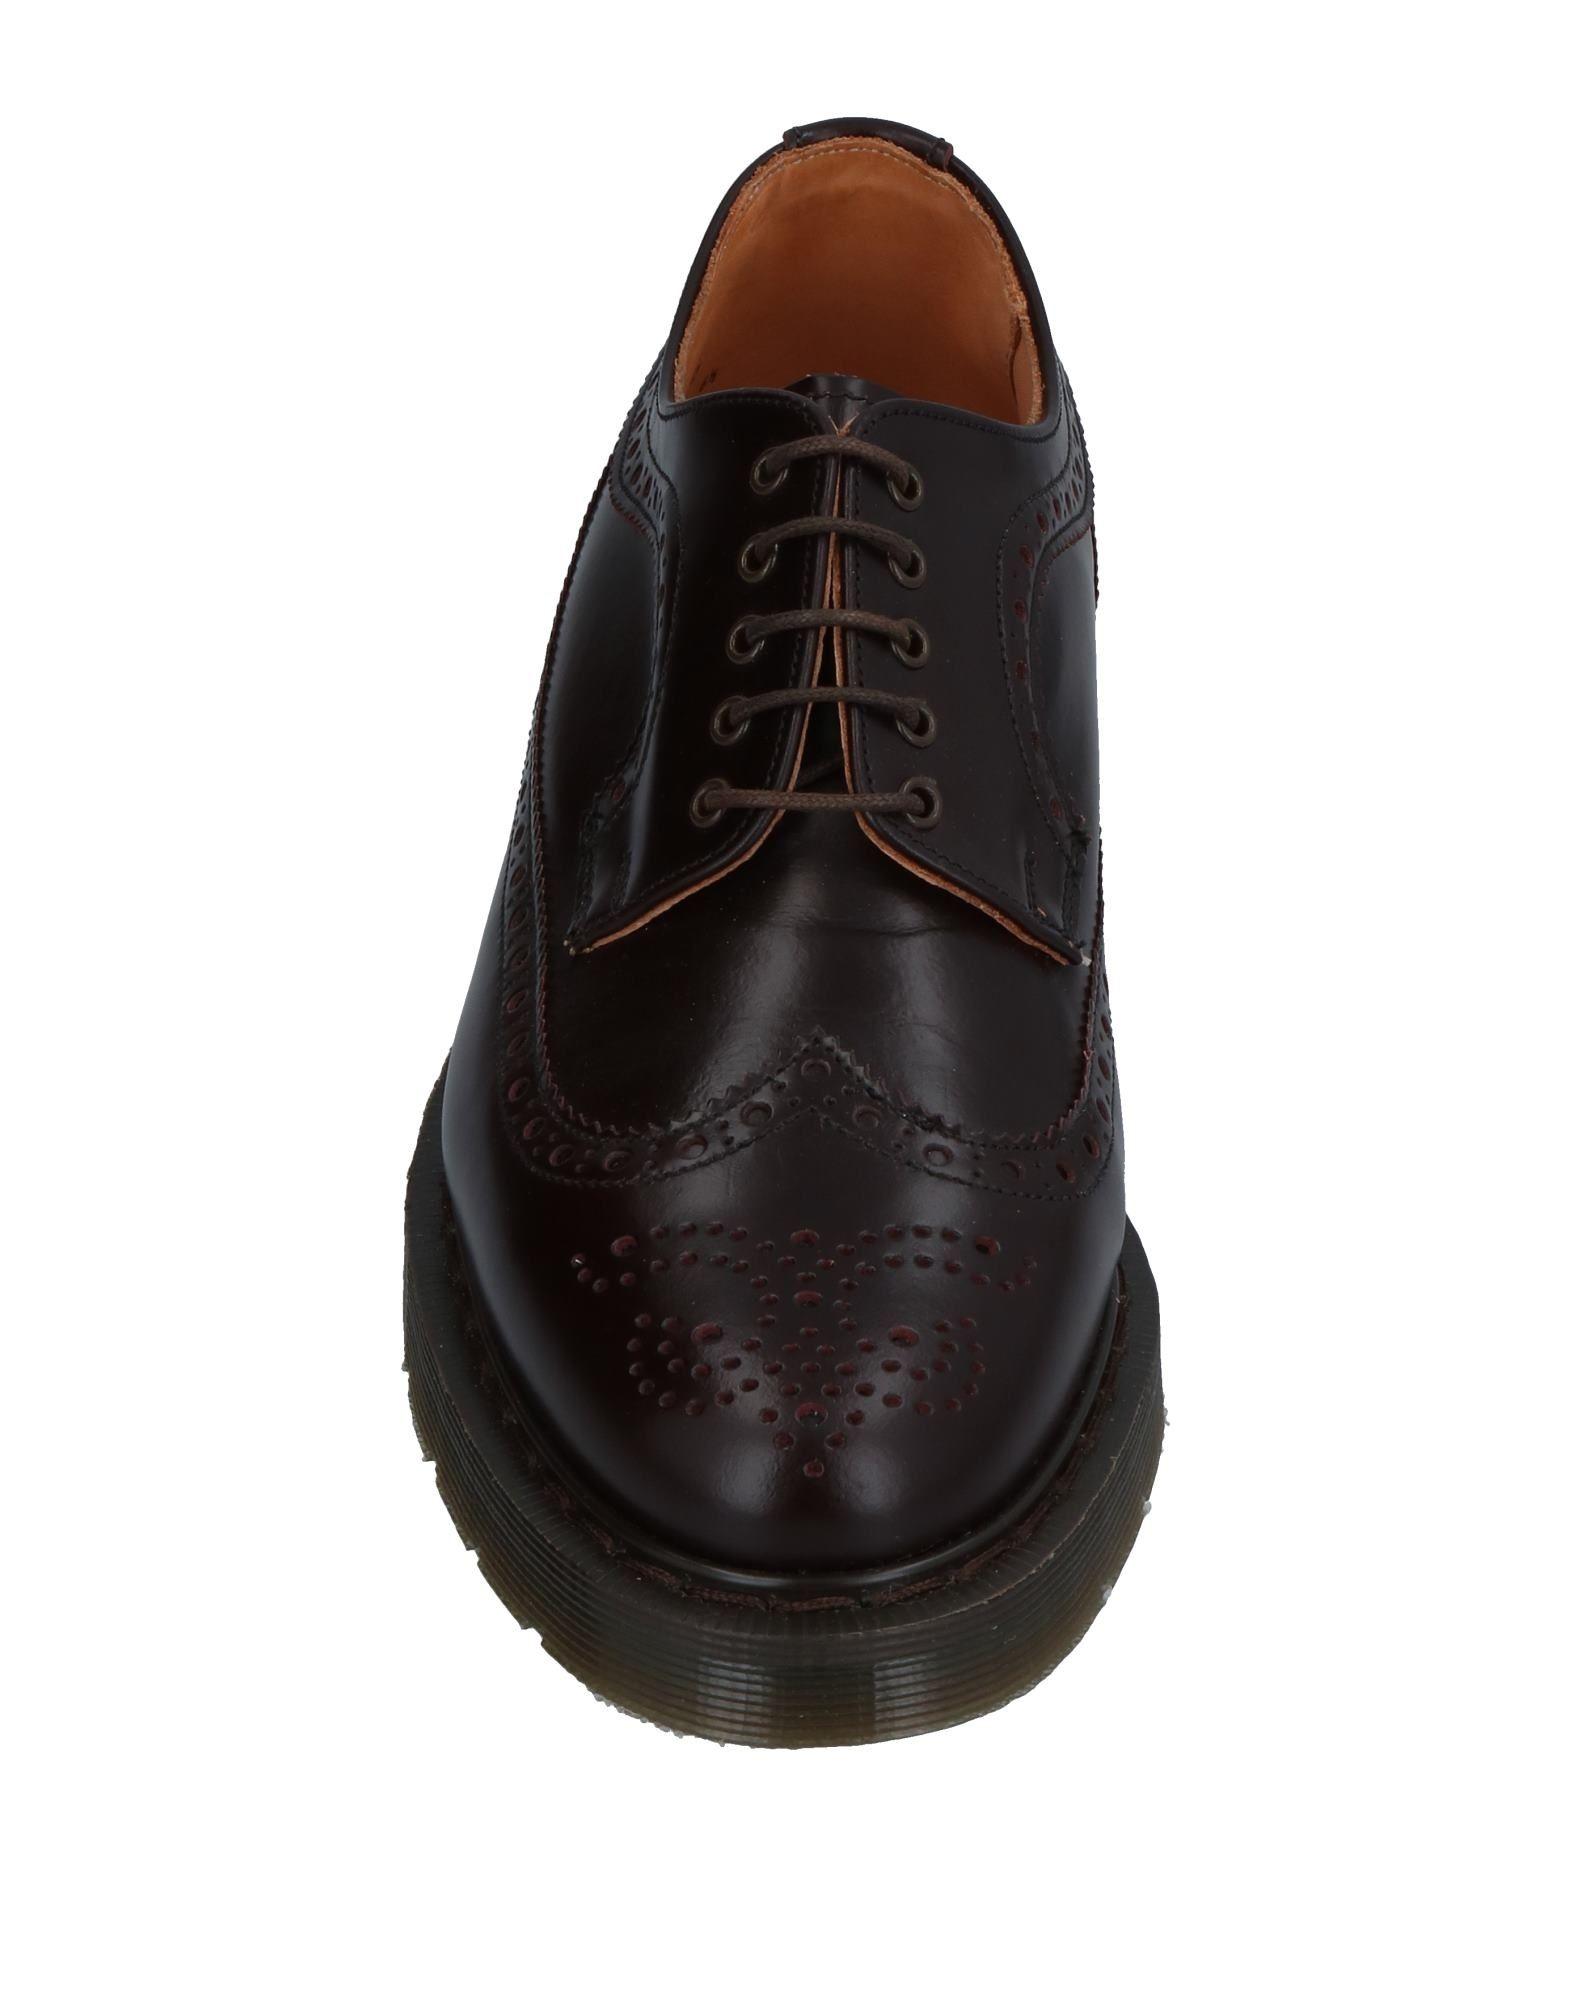 CHAUSSURES - Chaussures à lacetsSolovair 1881 qDACq